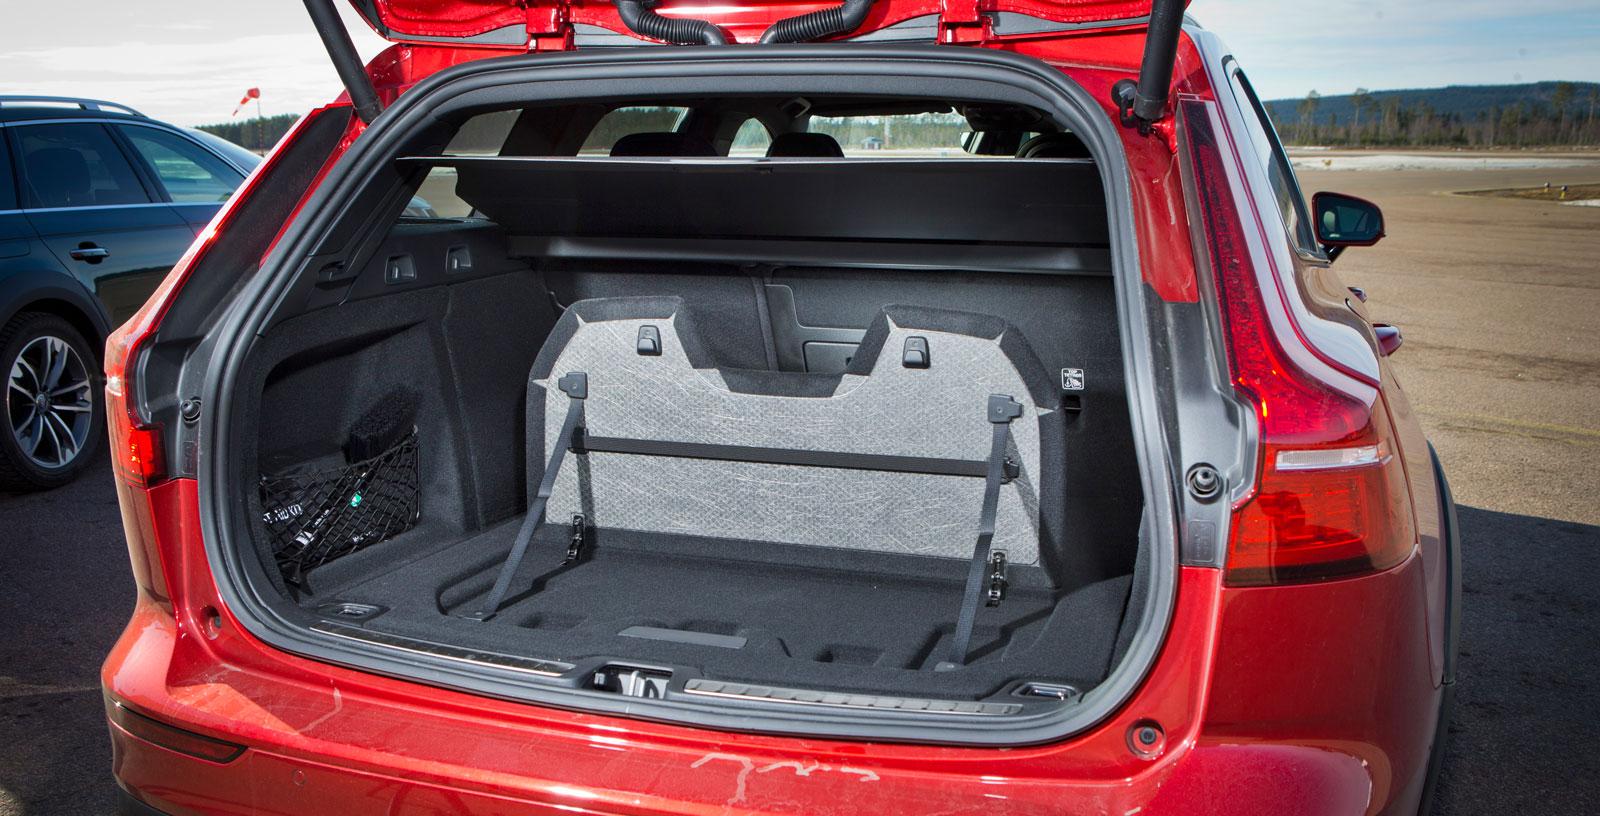 V60 är mer svårlastad än Octavia och har inte tredelat baksäte som Audi. Att genomlastningsluckan är liten blir ett extra minus. Ett plus får den dock för den smarta lastavskiljaren som fälls upp ur golvet.